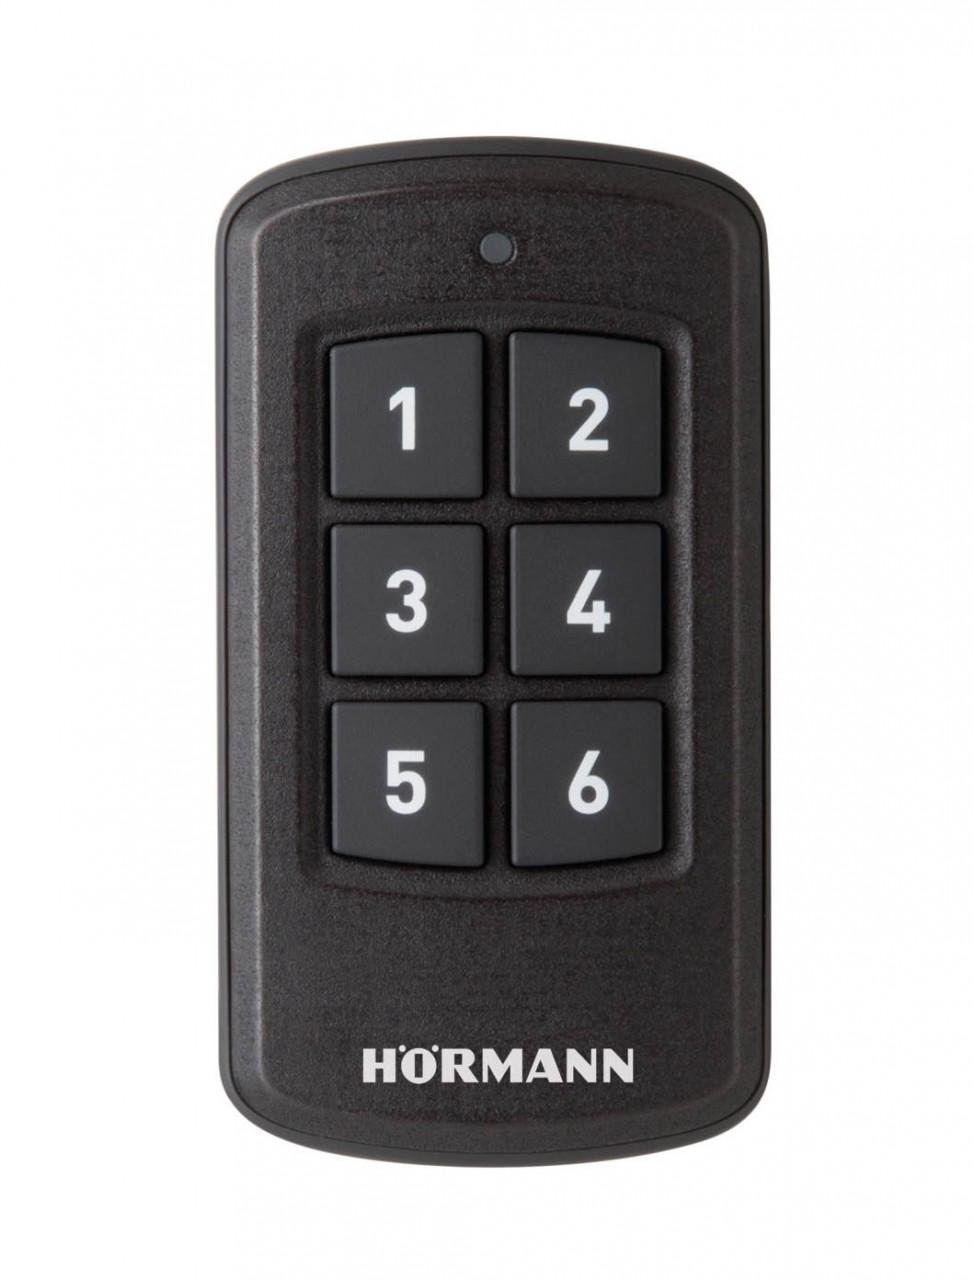 Hörmann HSI 6 868 MHz BiSecur